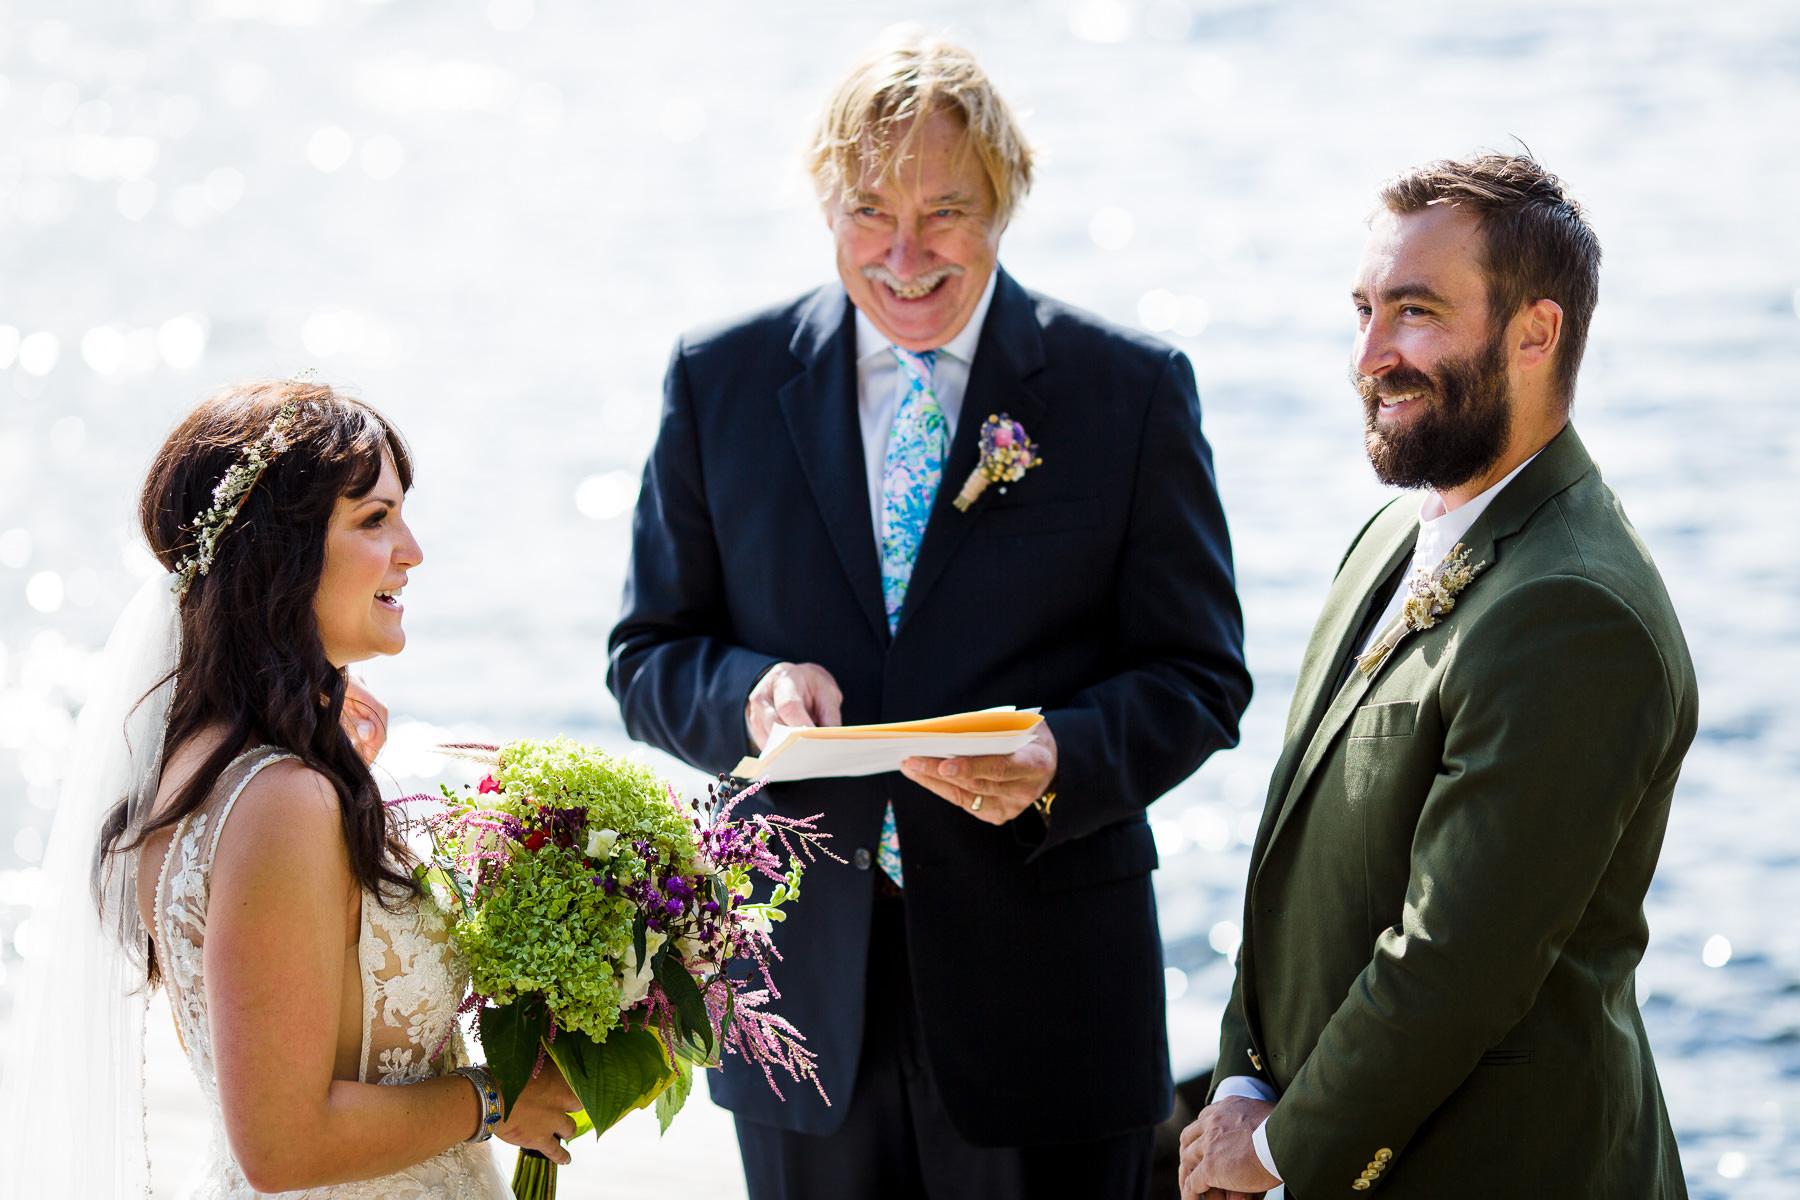 Meilleure photographie de Chateaugay Lakes, NY | La cérémonie de mariage a eu lieu sur un rocher au bord du lac